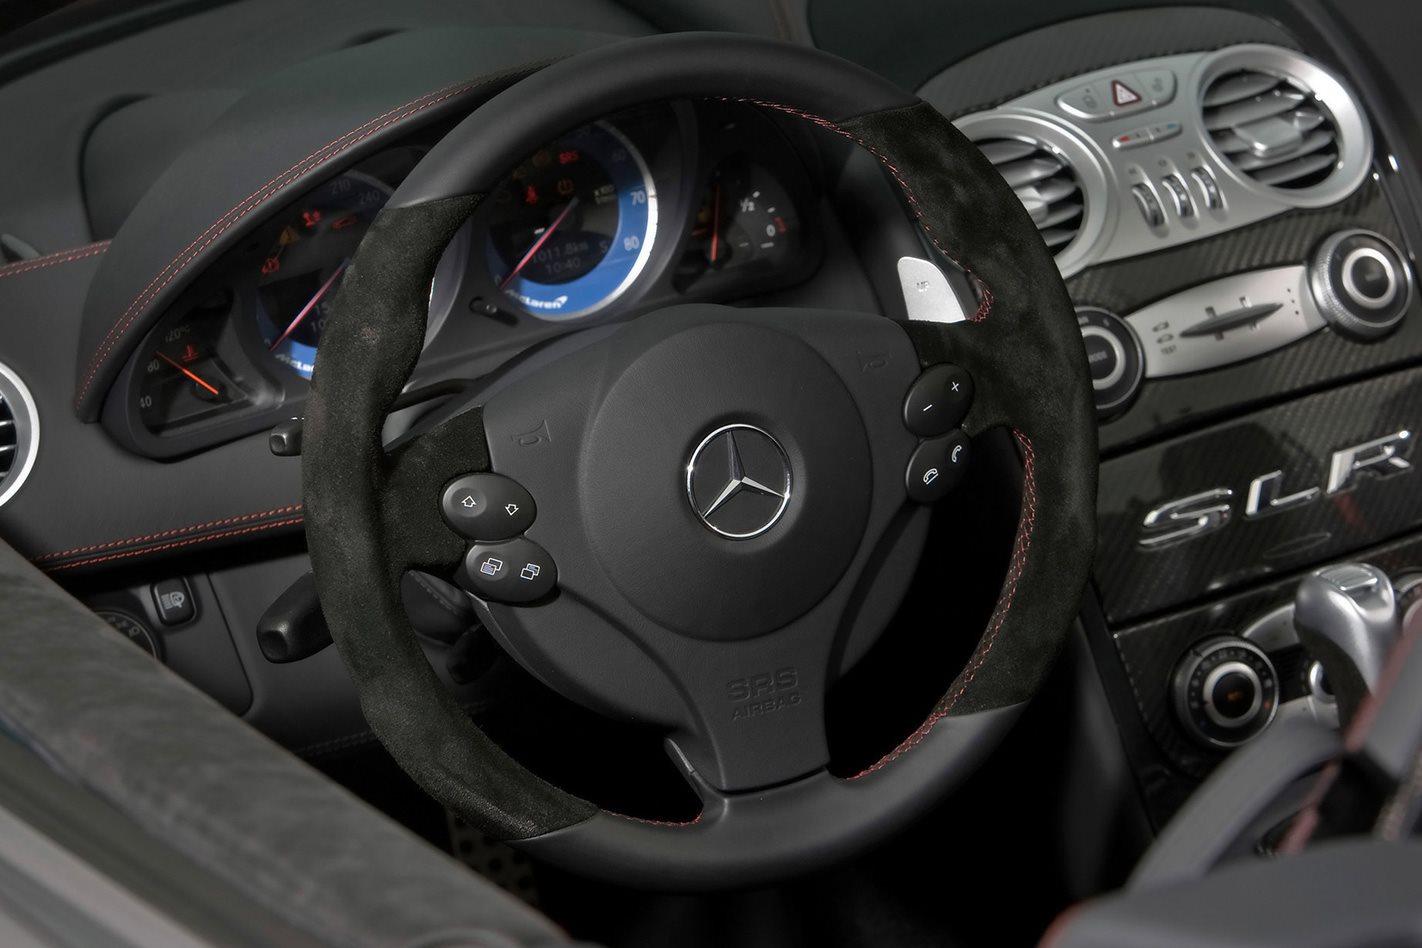 Mercedes McLaren SLR 722 S Roadster steering wheel